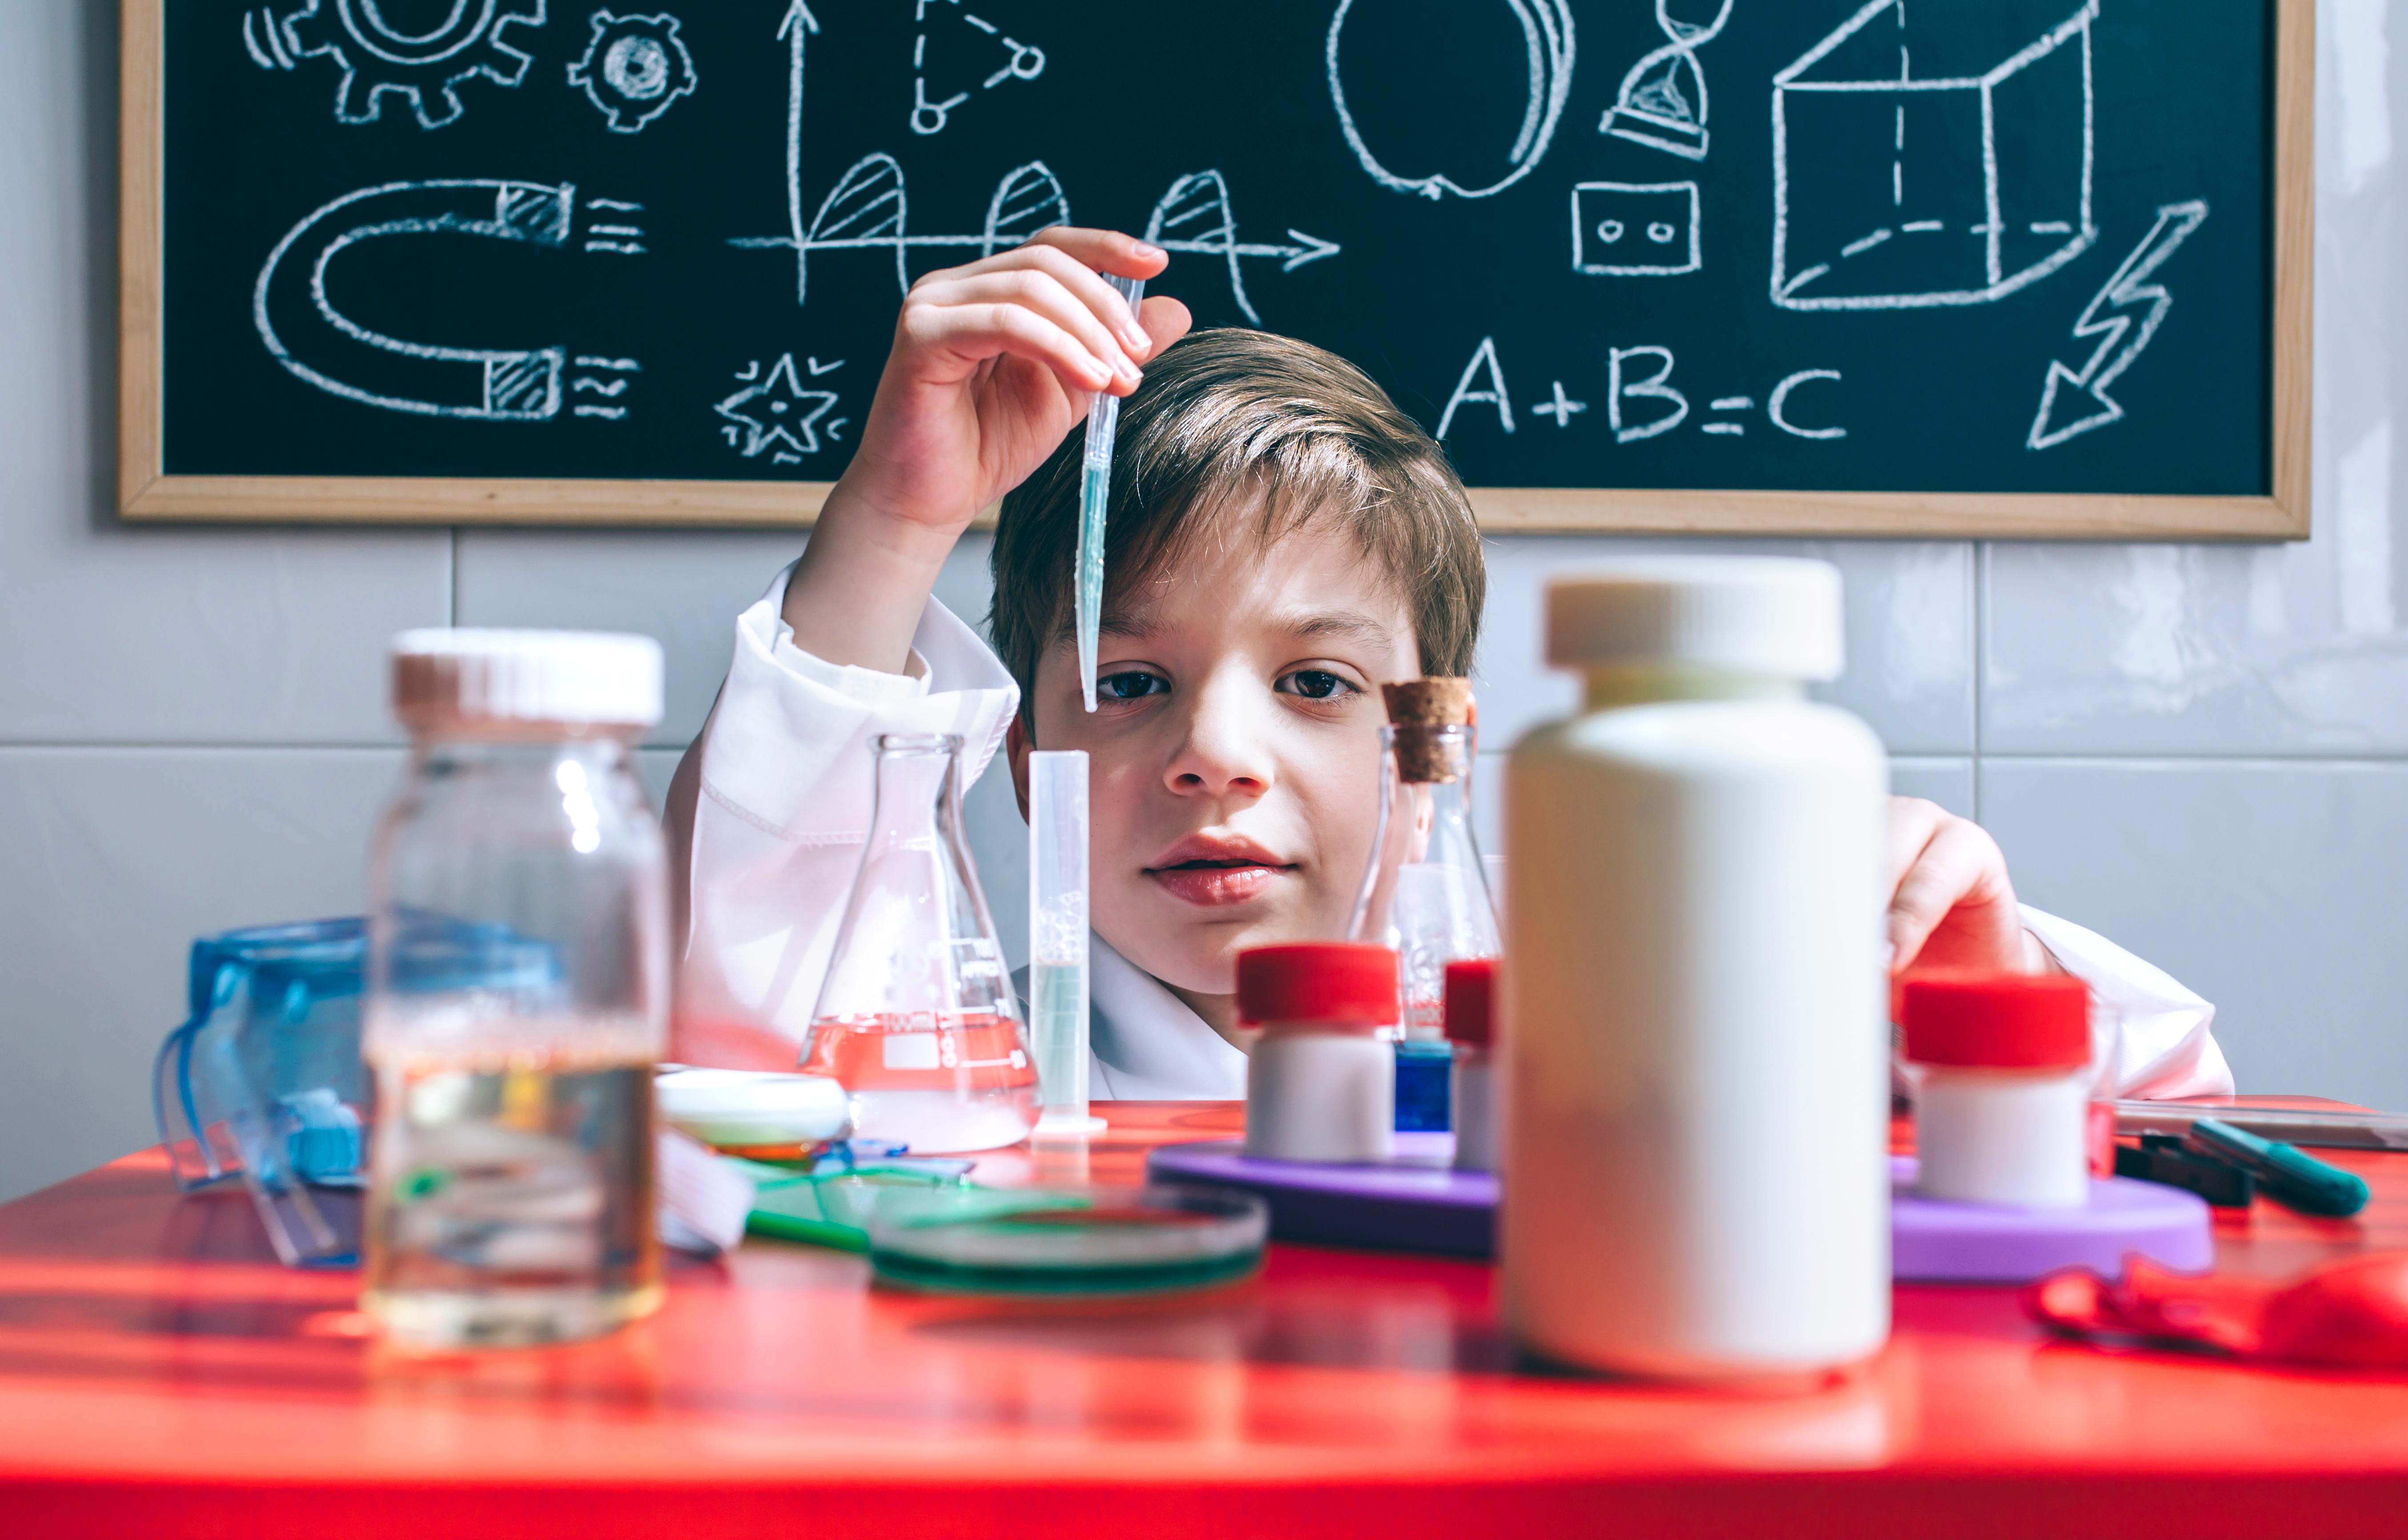 Experimente științifice - Cerneala invizibilă